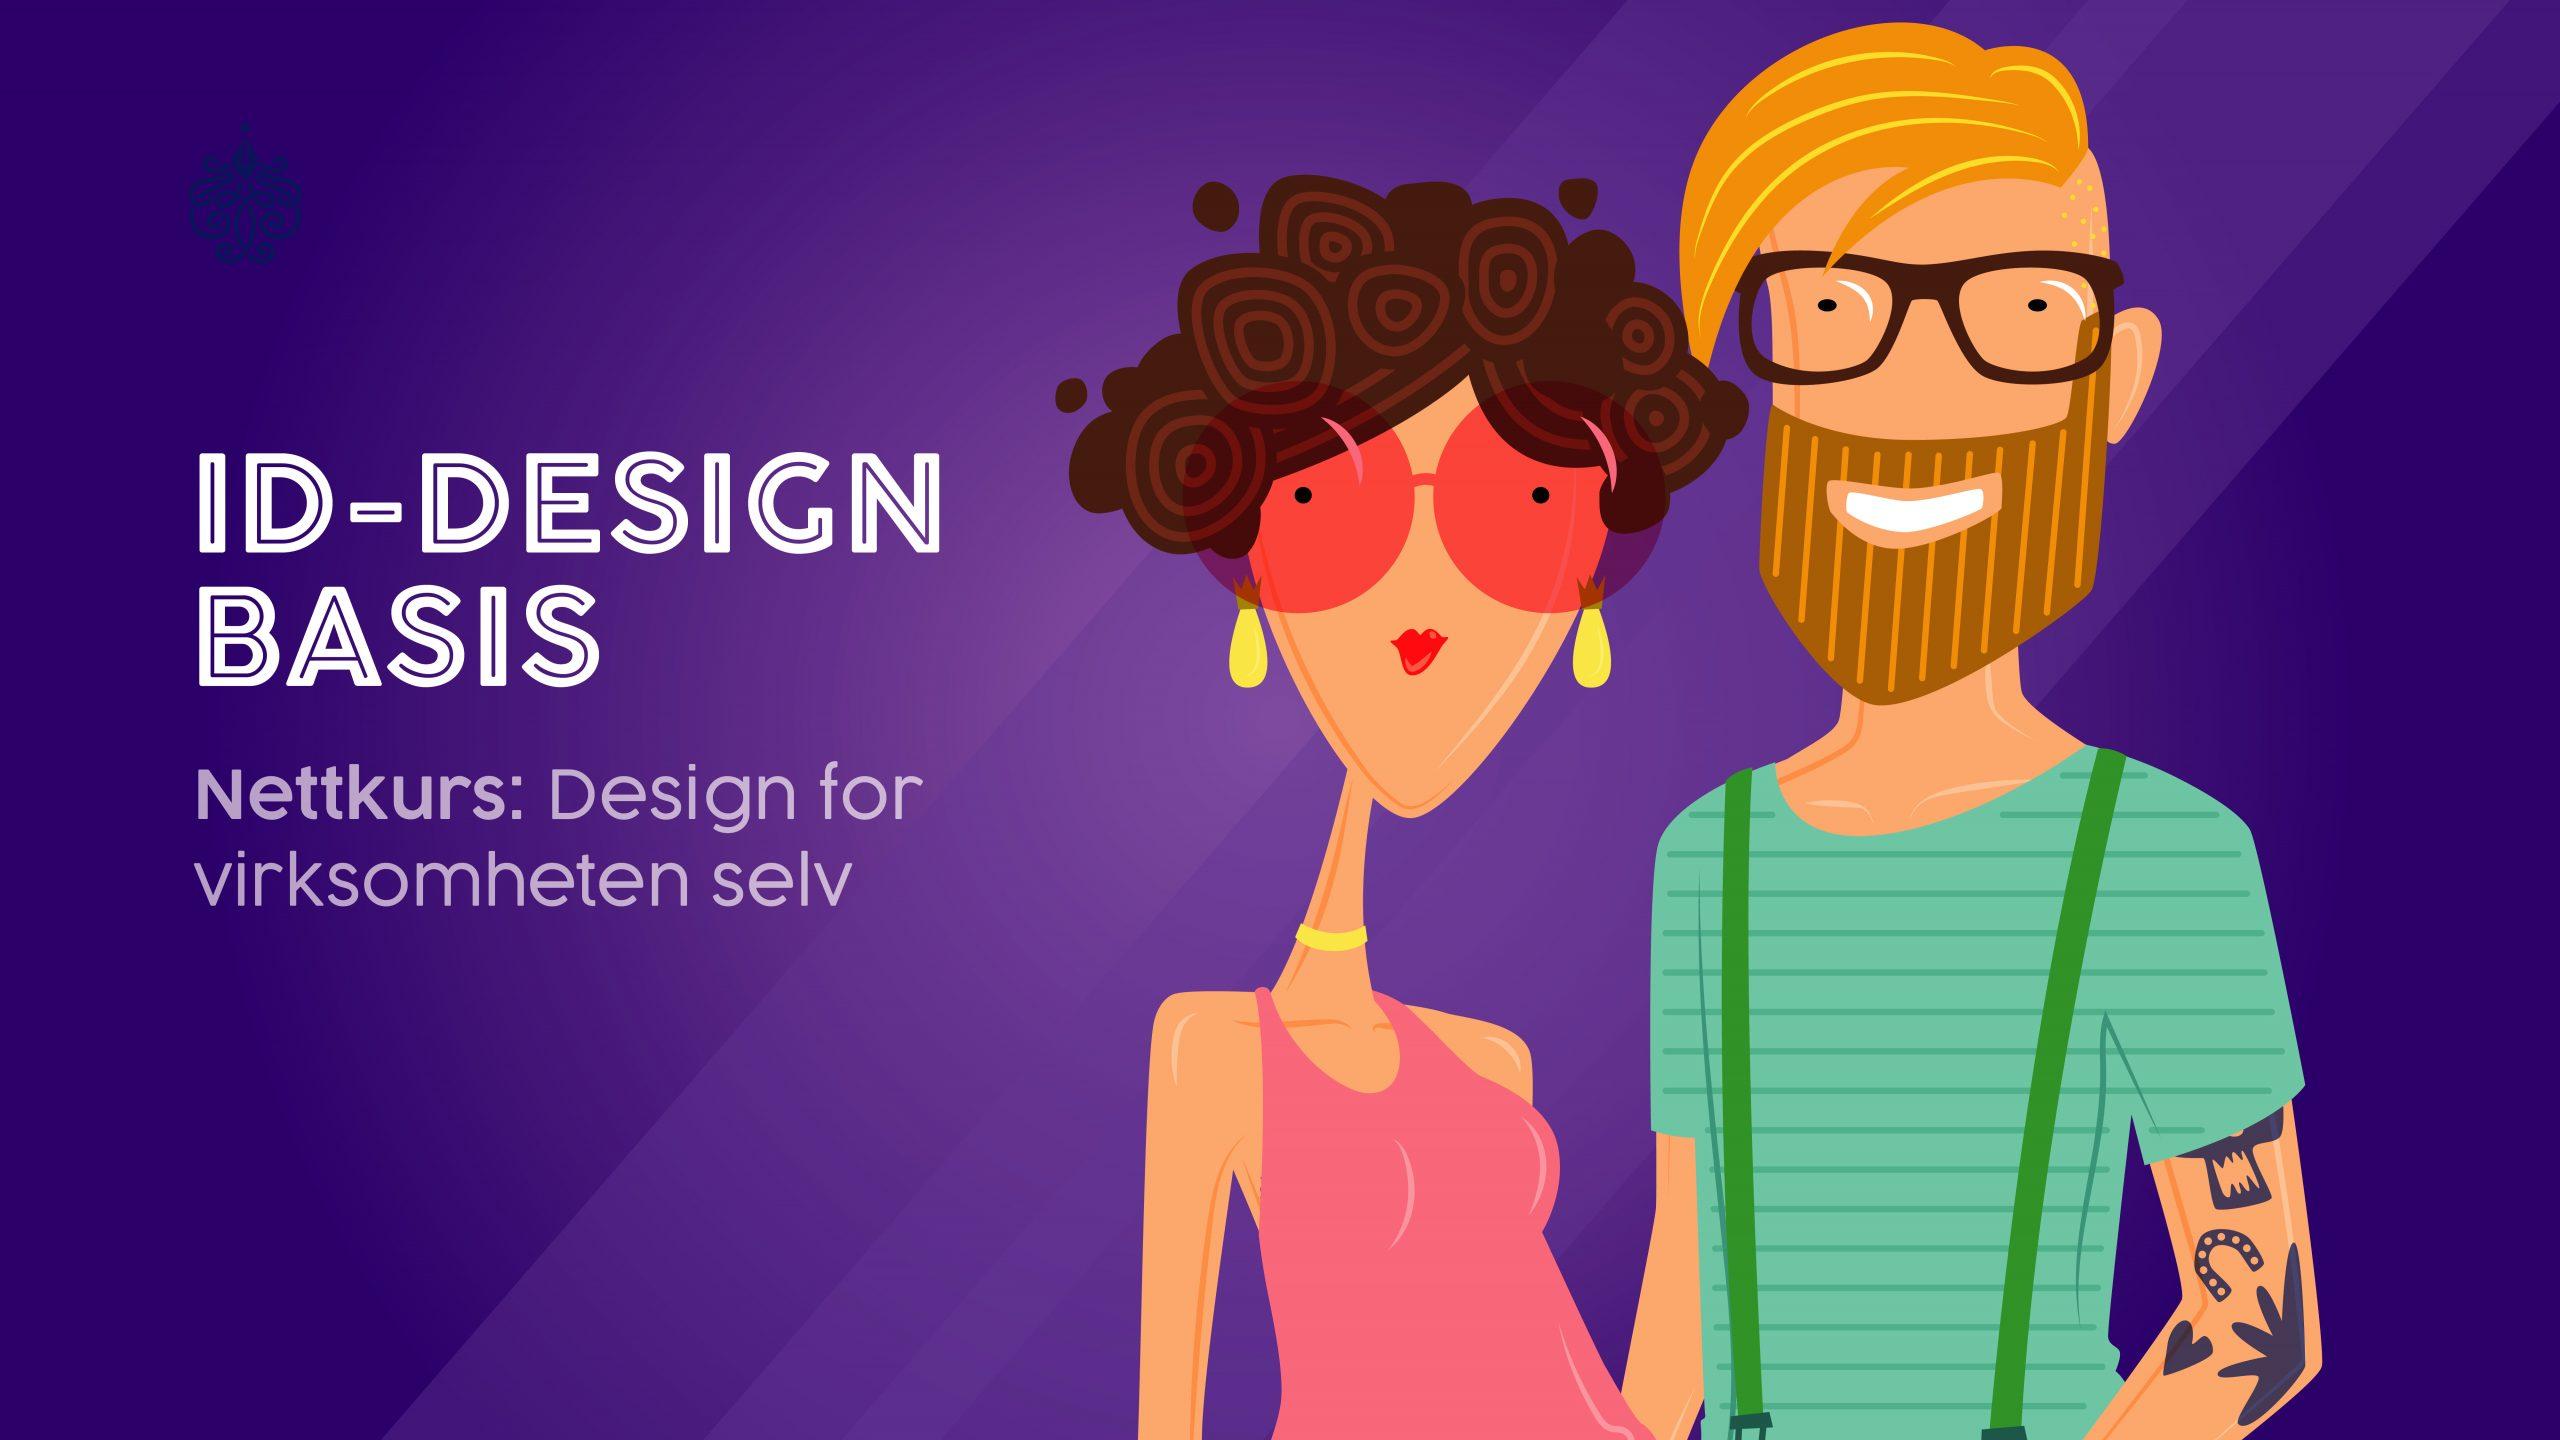 Nettkurs: ID-design Basis